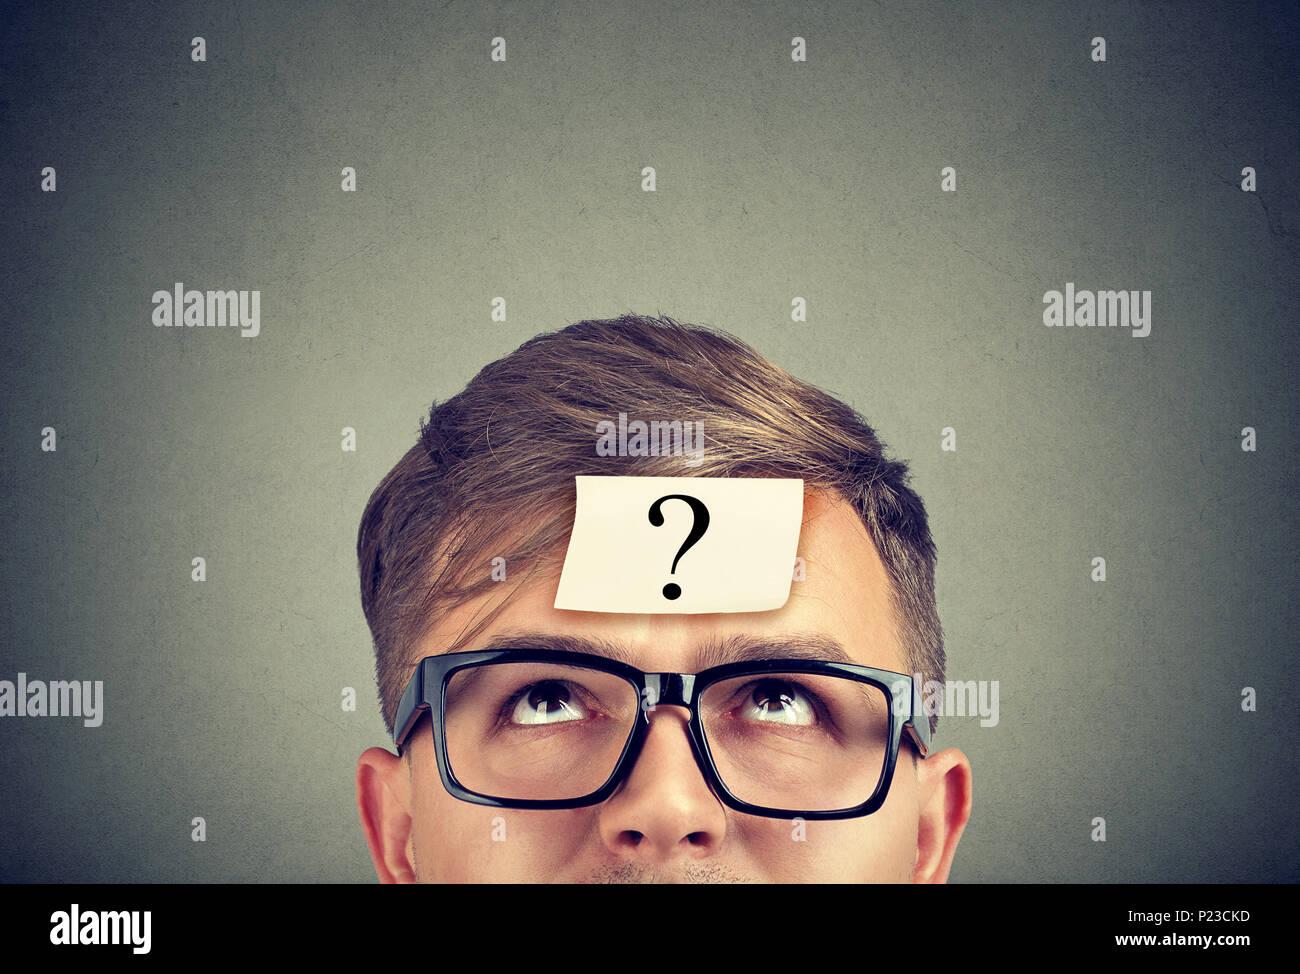 Jeune homme portant des lunettes noires avec un point d'interrogation sur le front à la recherche. Photo Stock